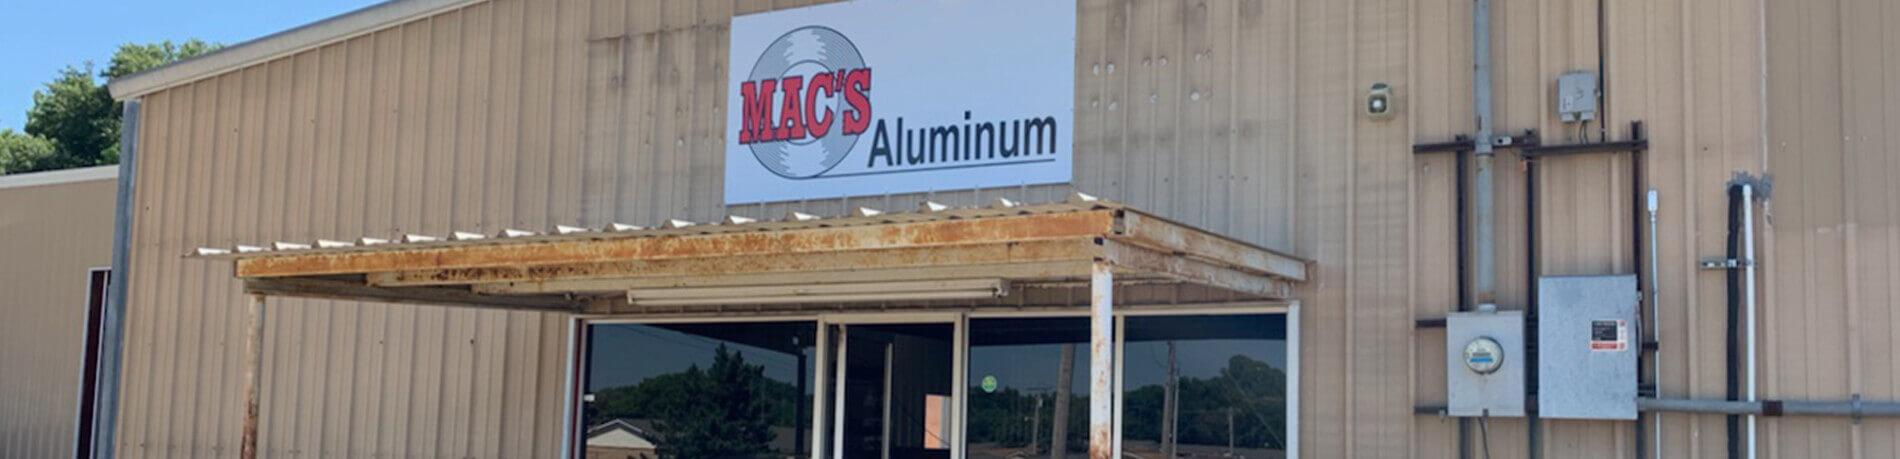 Mac's Aluminum store-front